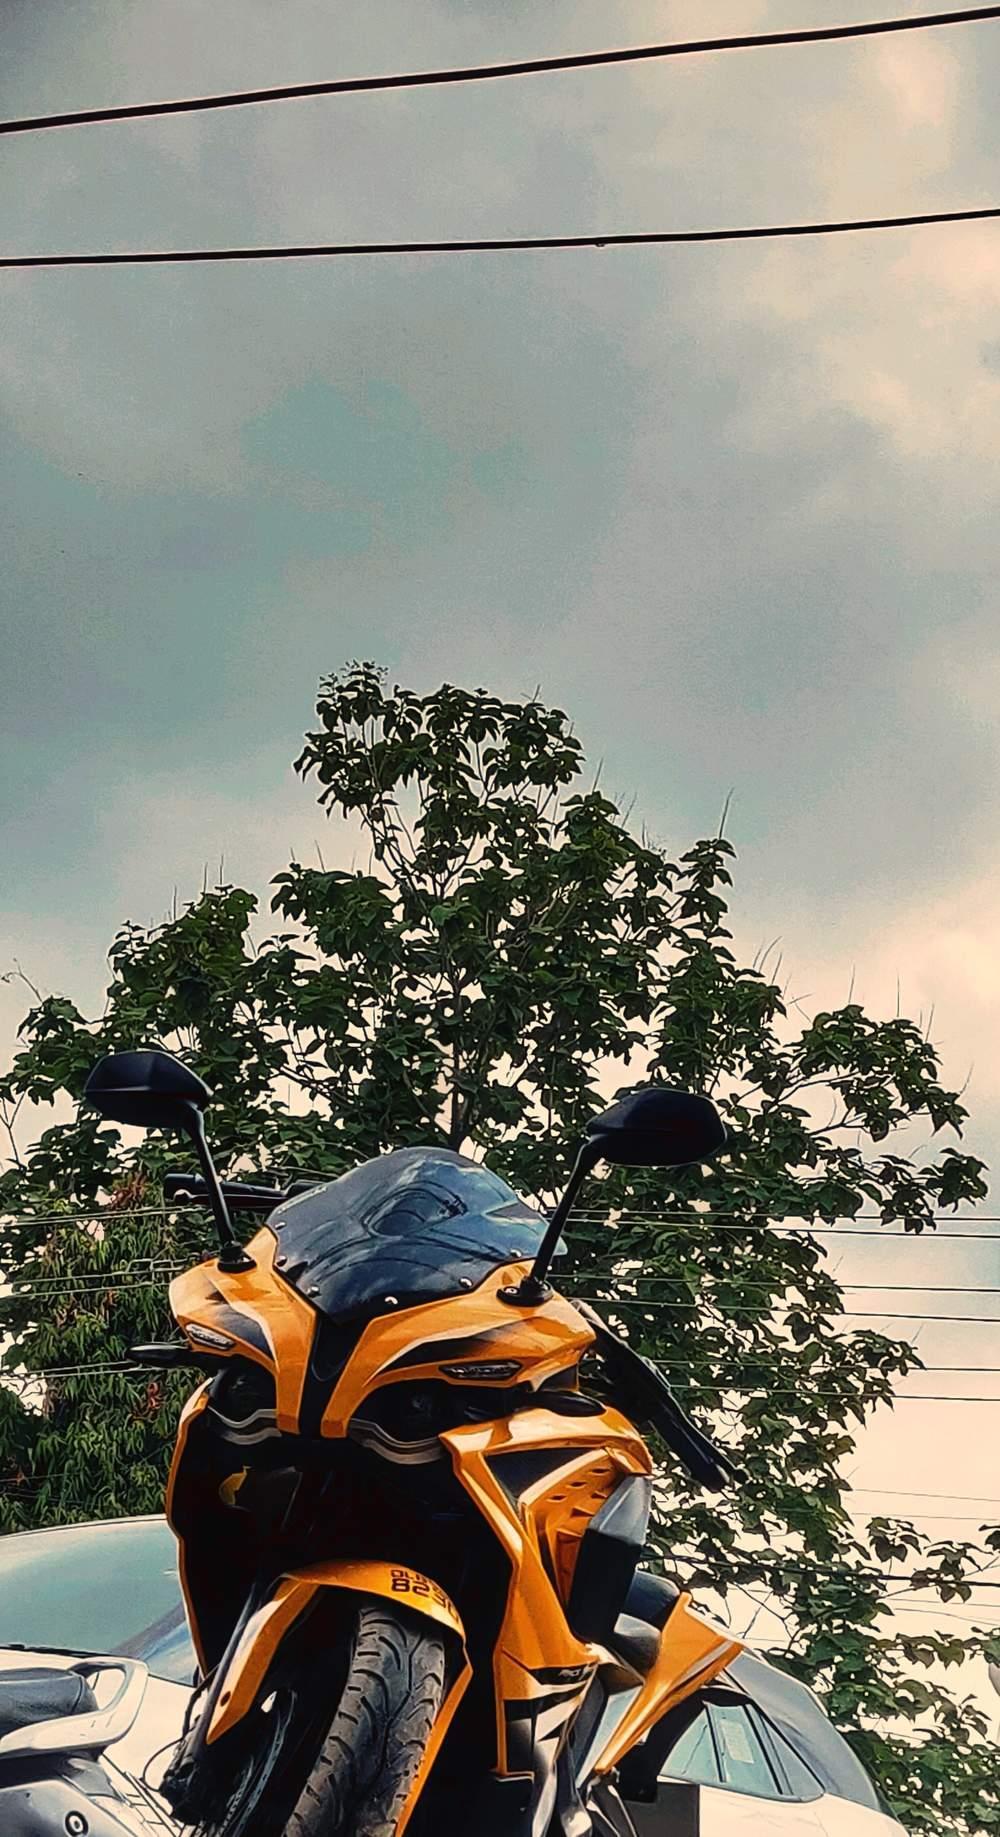 Bajaj Pulsar Rs 200 Front View